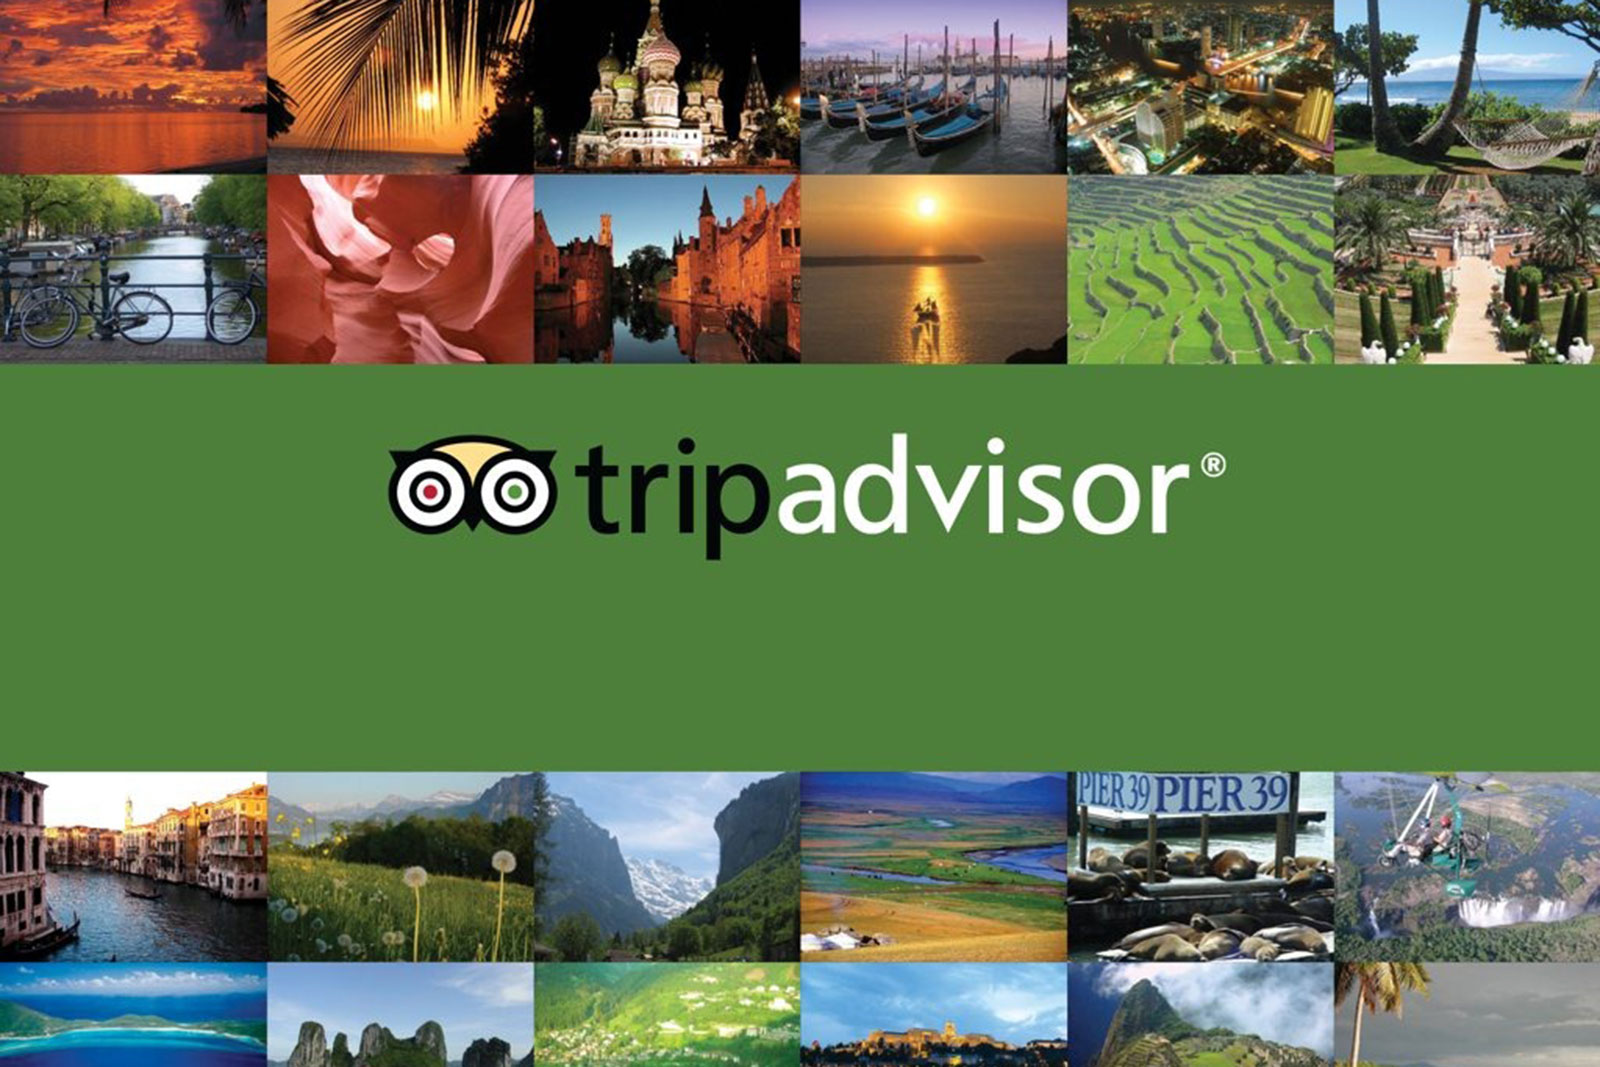 3. TripAdvisor